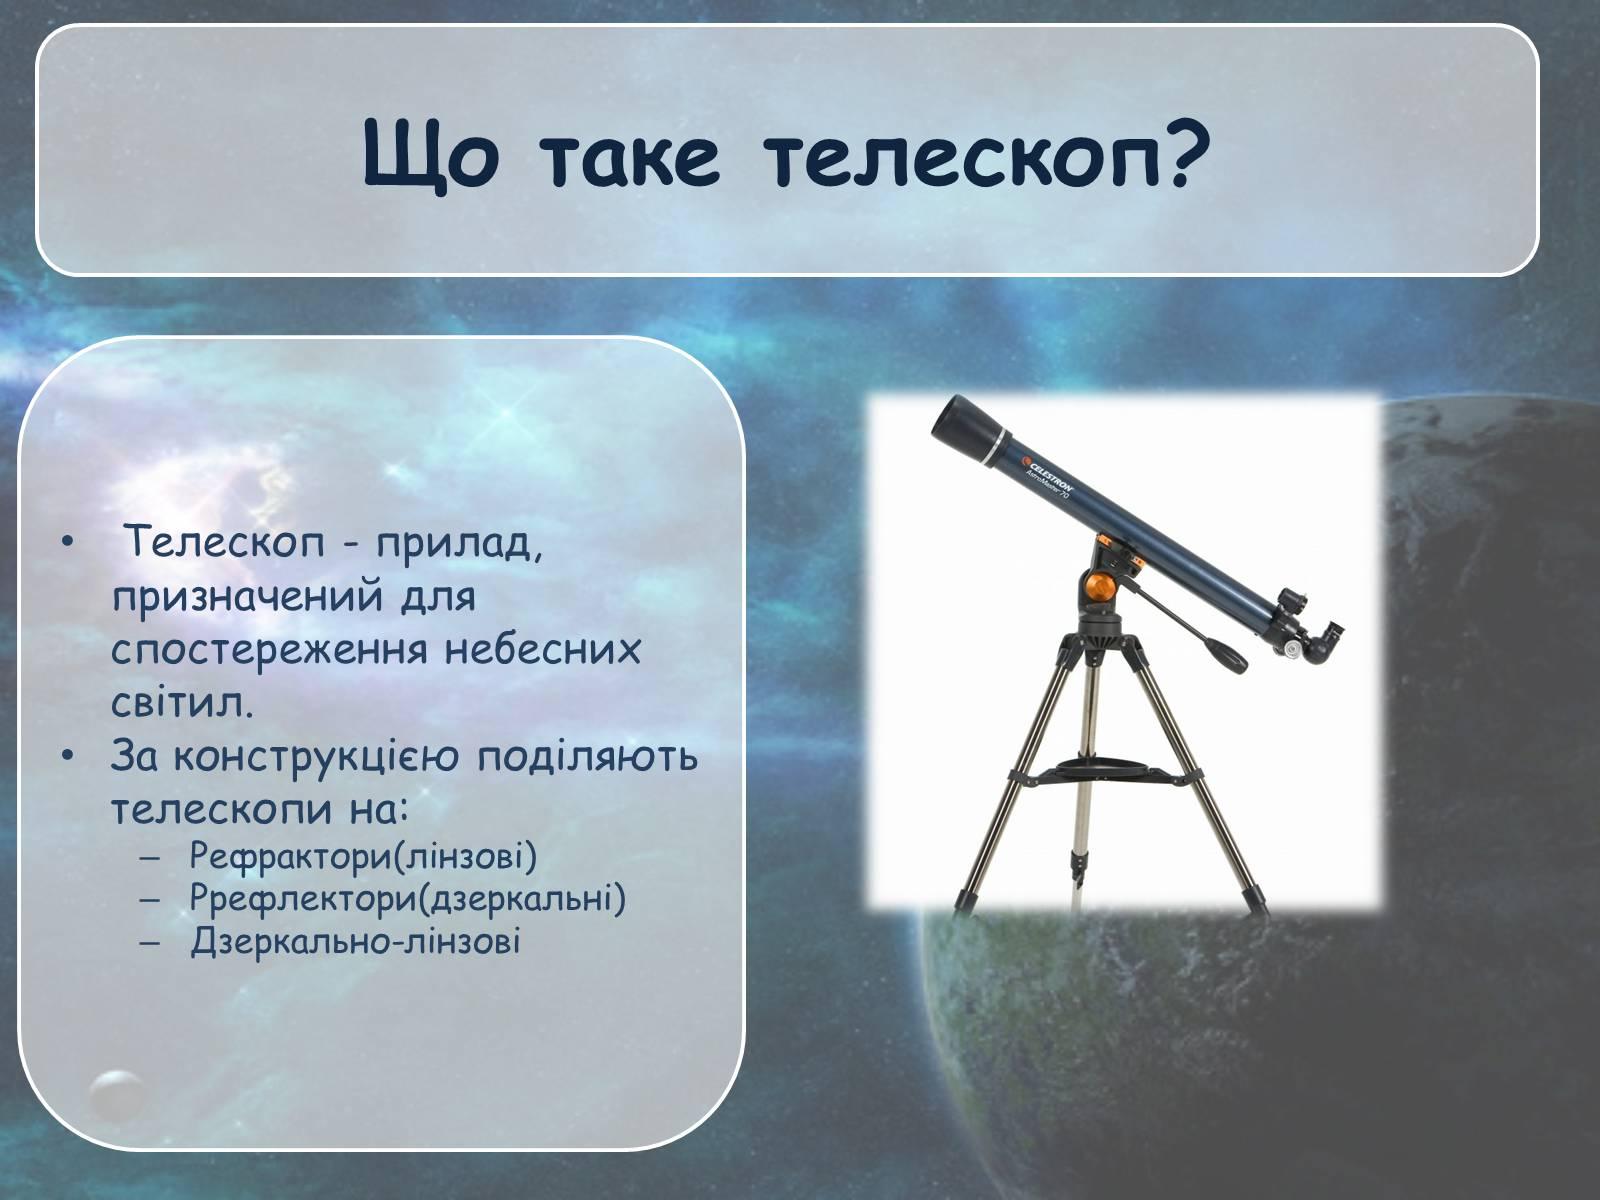 кабы стихи про телескоп цепь